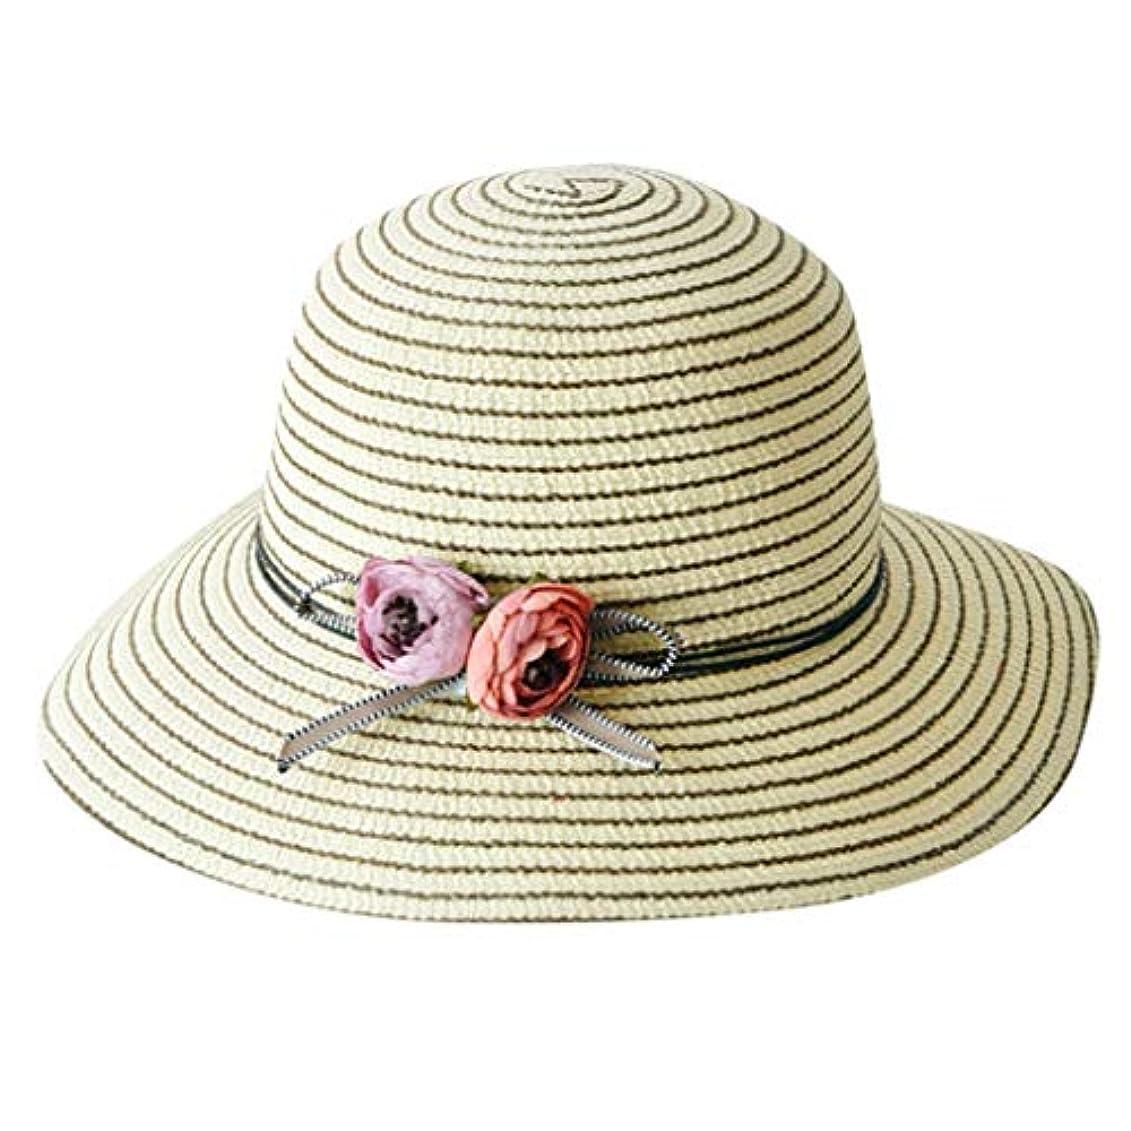 刈るトランジスタパリティ帽子 レディース 漁師帽 夏 UVカット 帽子 綿糸 ハット レディース 紫外線100%カット UV ハット 可愛い 小顔効果抜群 日よけ 折りたたみ つば広 小顔効果抜群 折りたたみ 海 旅行 ROSE ROMAN